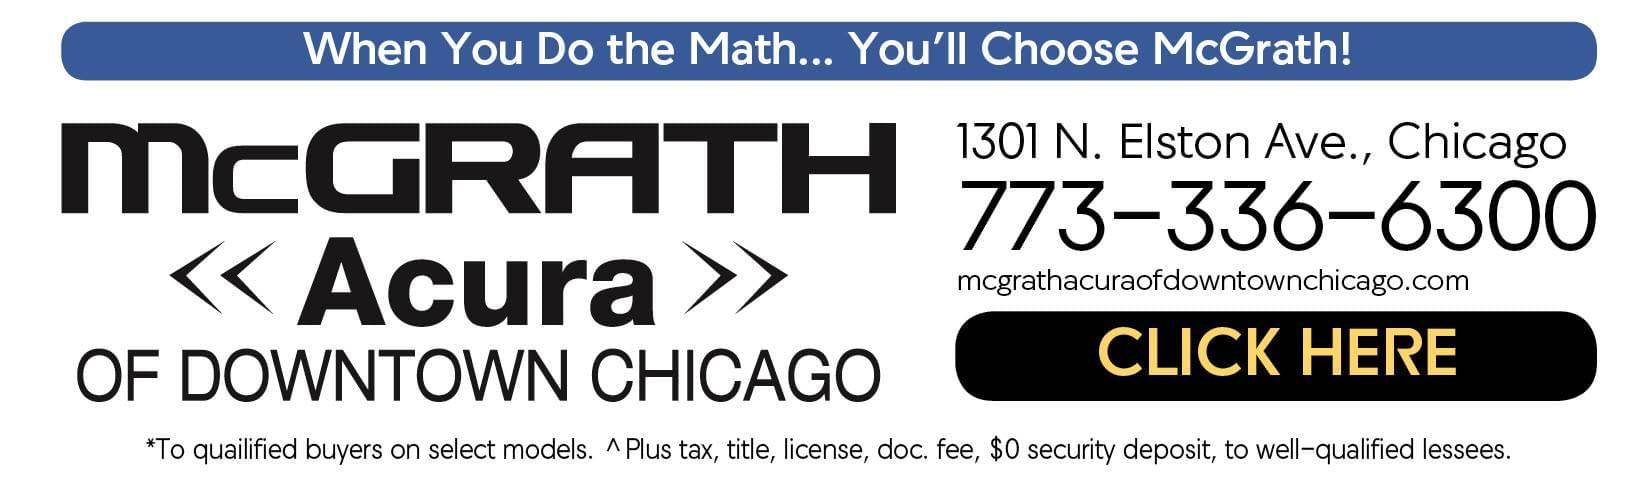 Contact McGrath